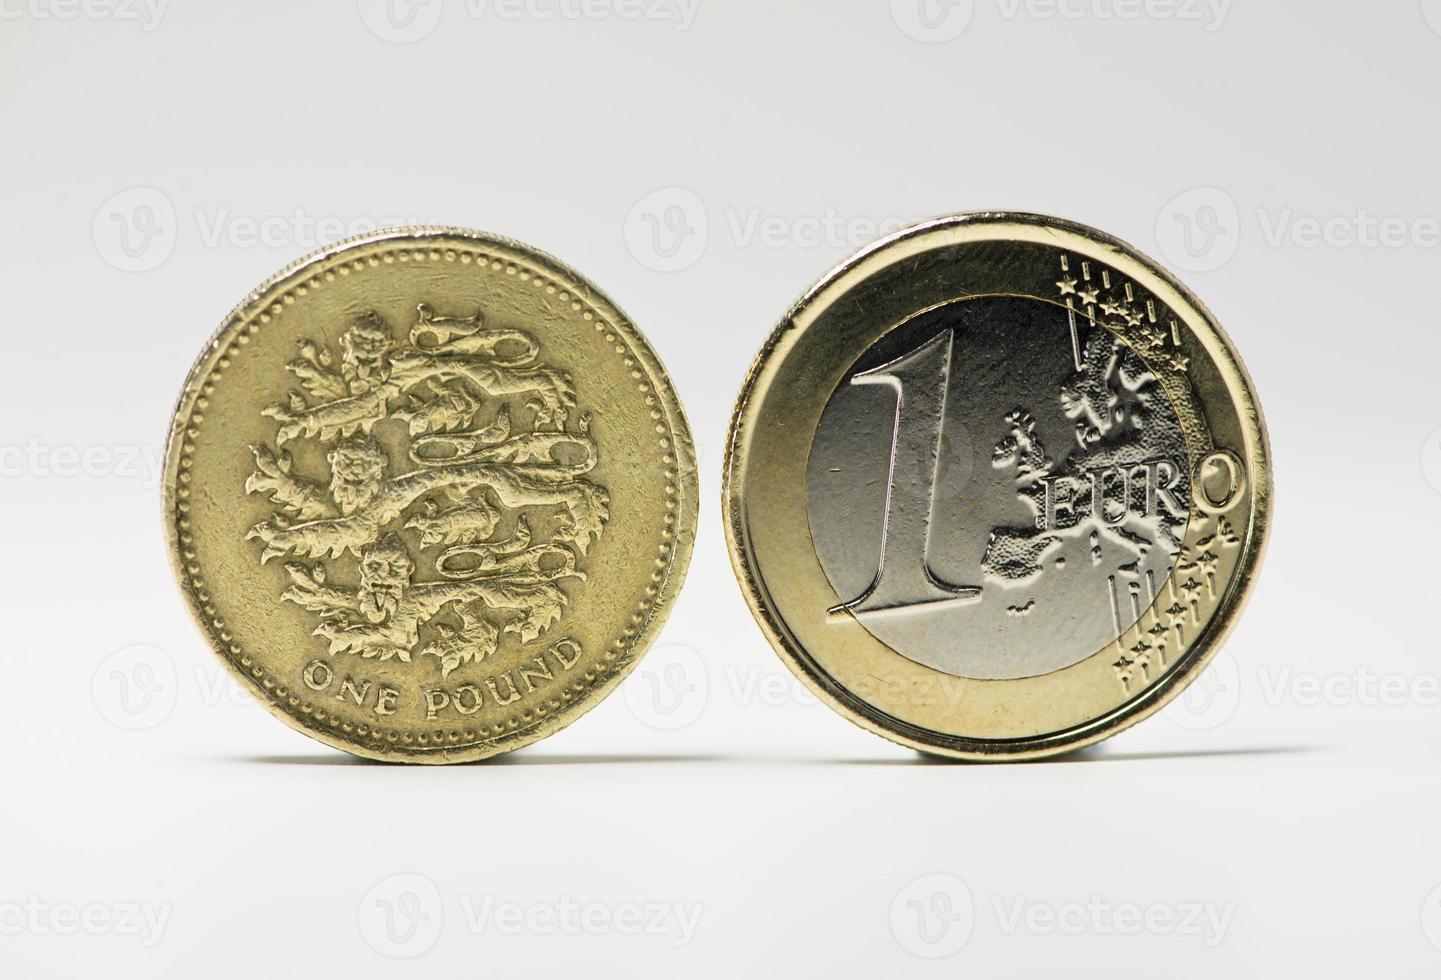 monete da un euro e sterline foto